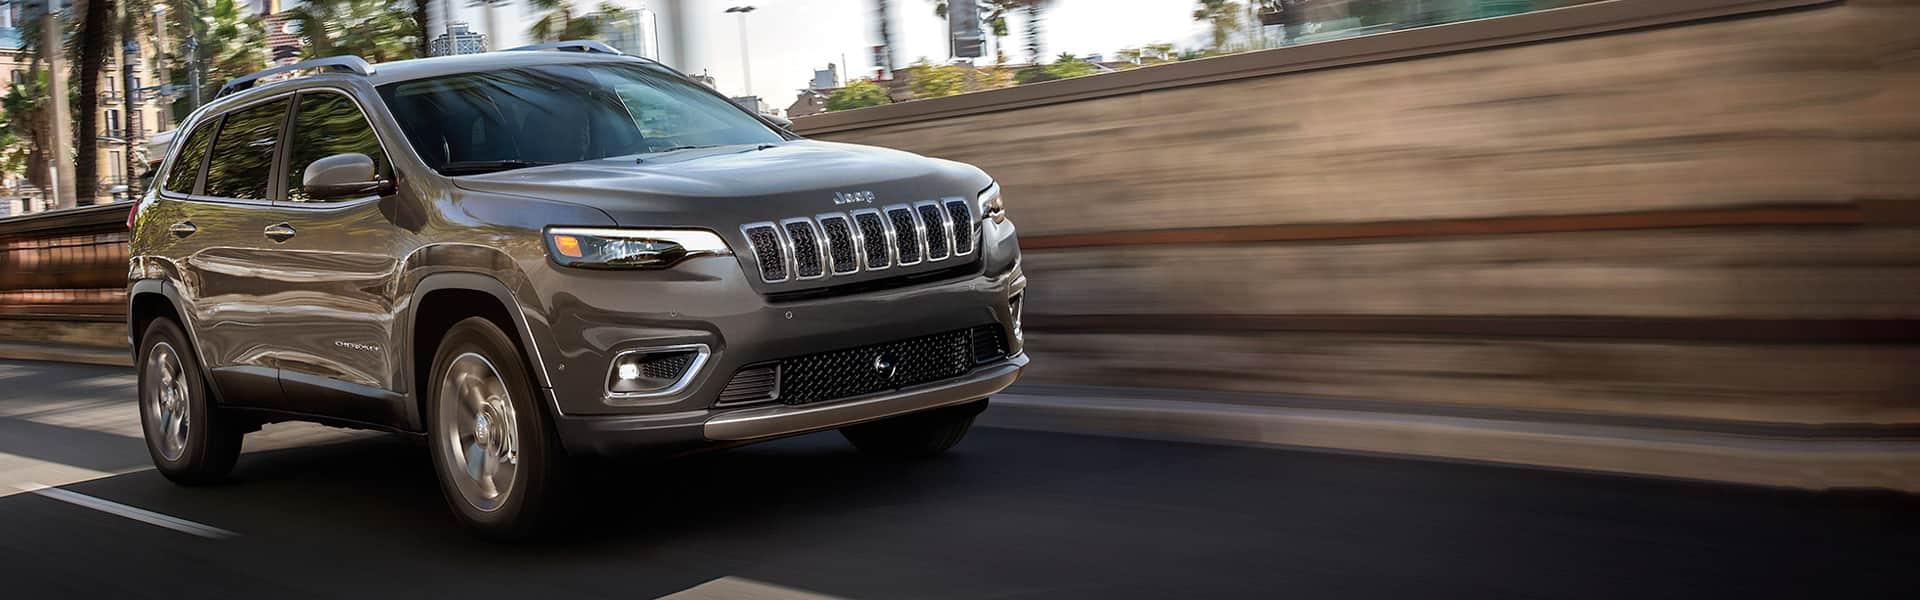 Un Jeep Cherokee Limited 2021 andando por una autopista junto a una barrera de sonido.